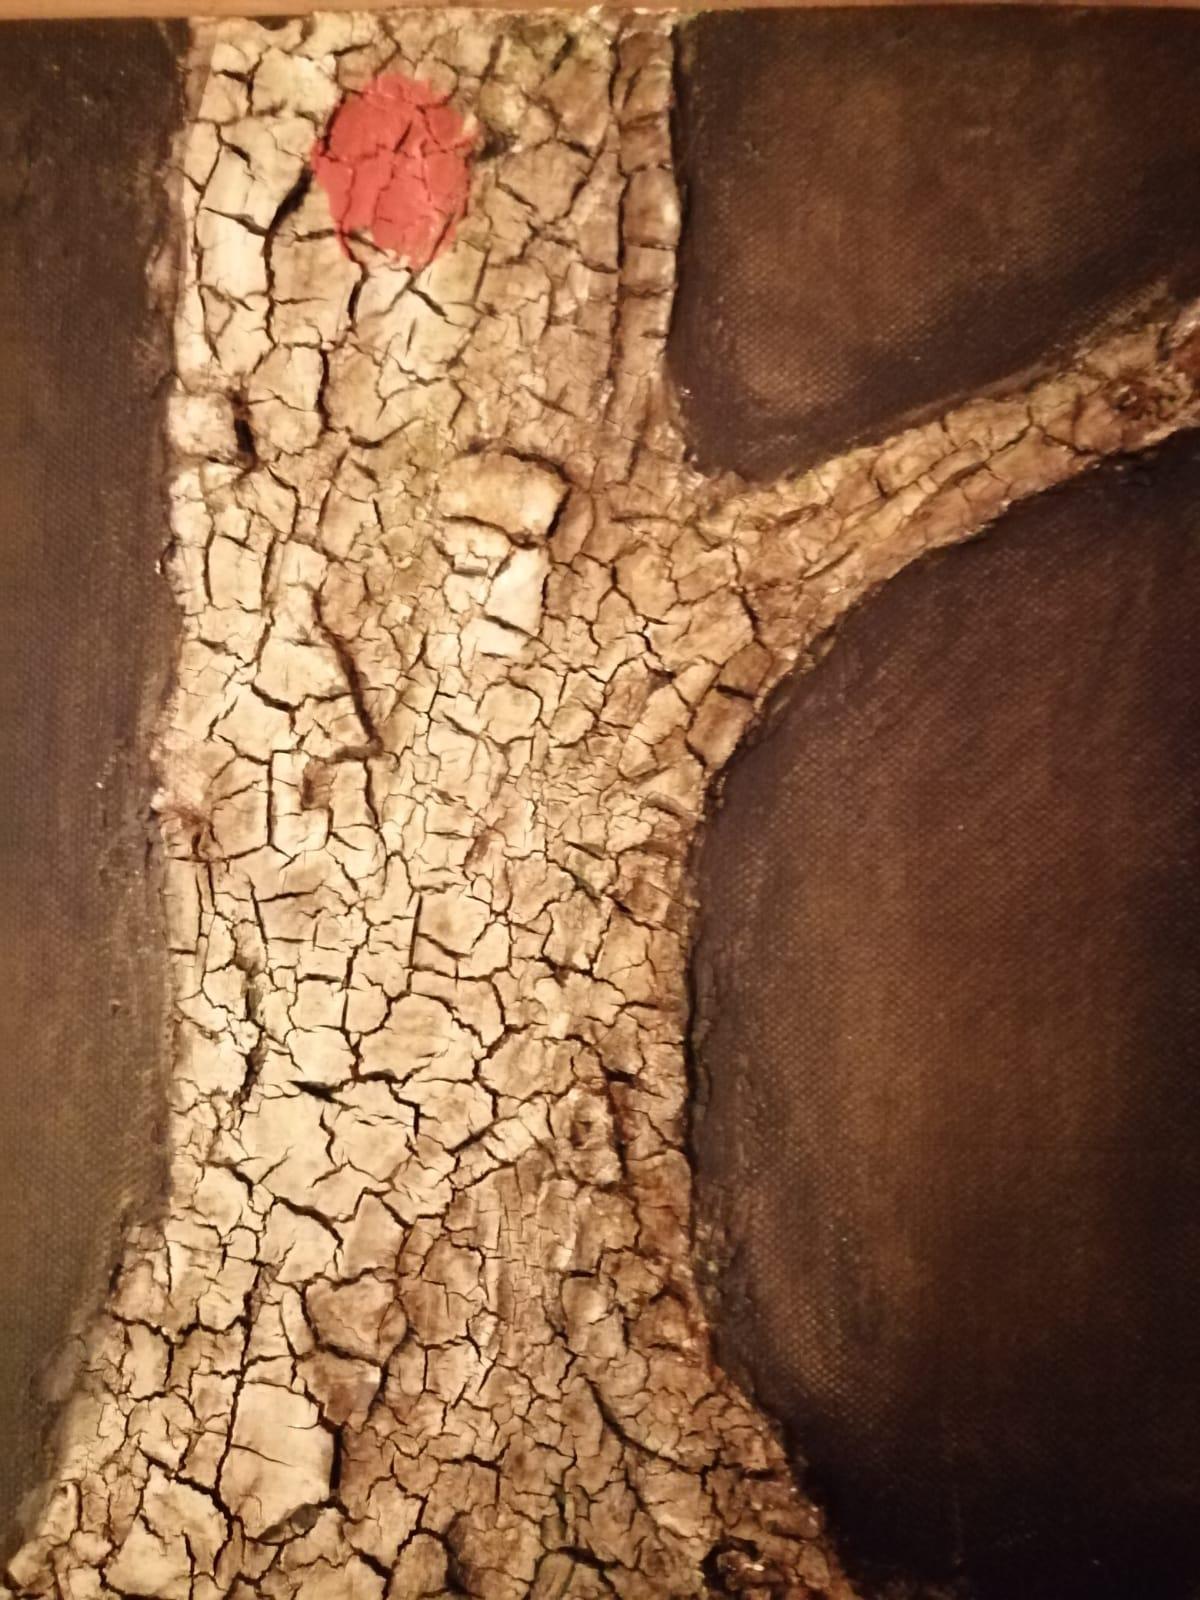 Der Baum ist tot, Mischtechnik, 30x23, Angelika Harken